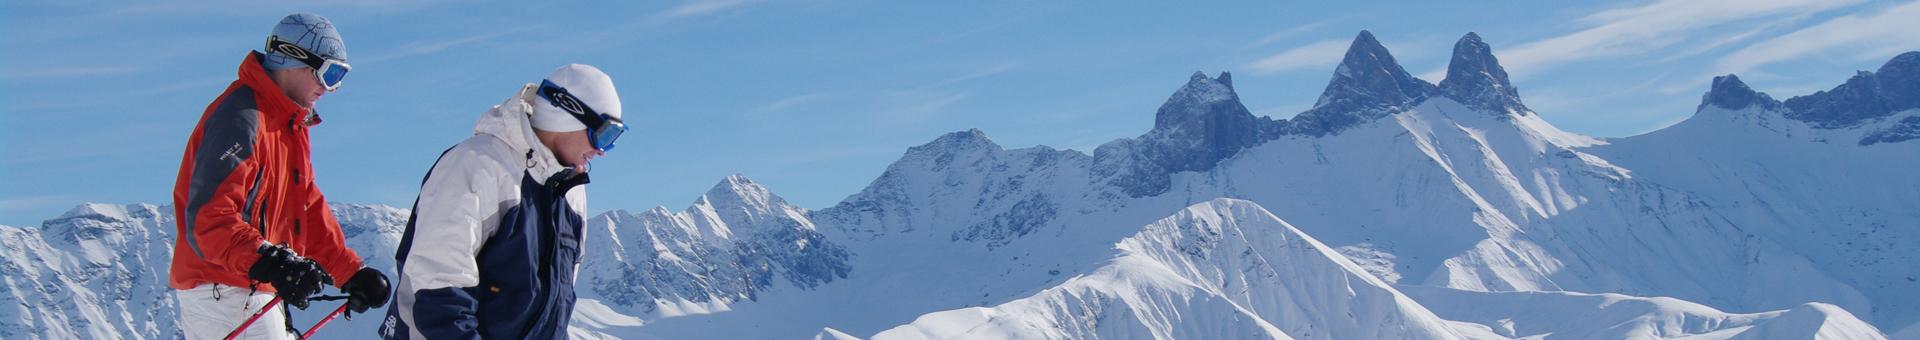 ski-saint-jean-d-arves